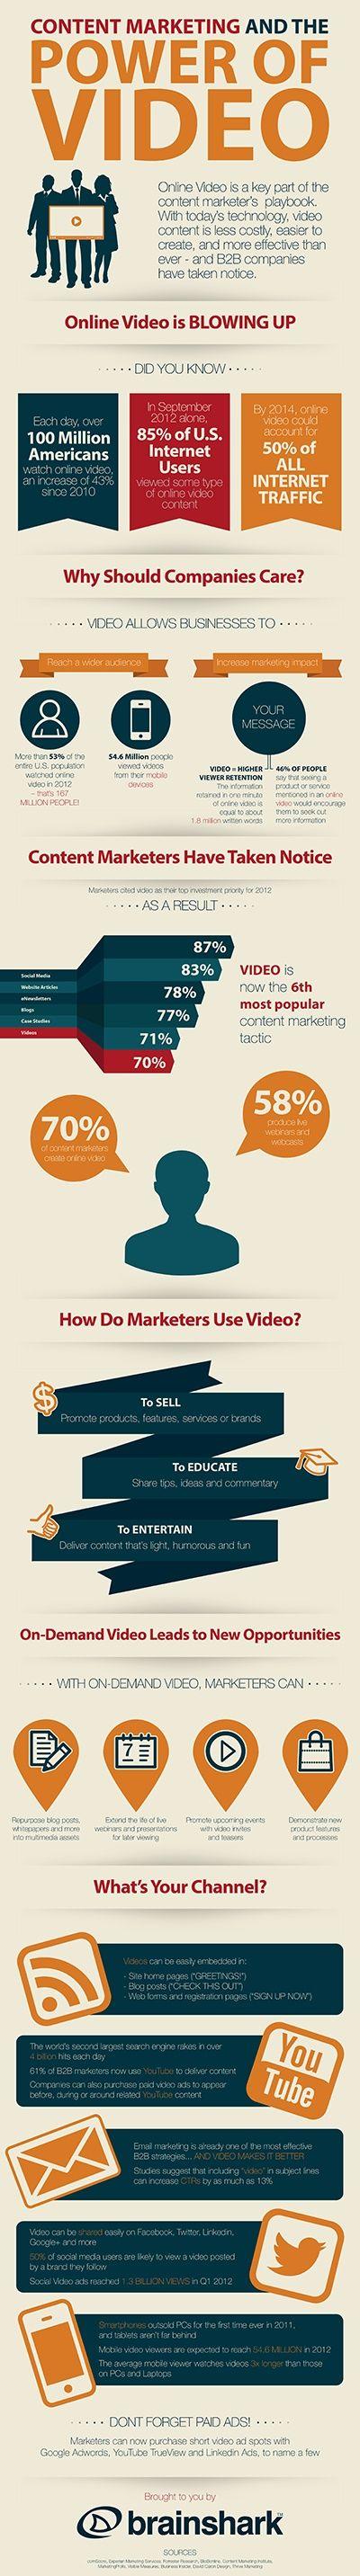 La importancia del video en el Social Media Marketing | Lecturas de Marketing en Internet